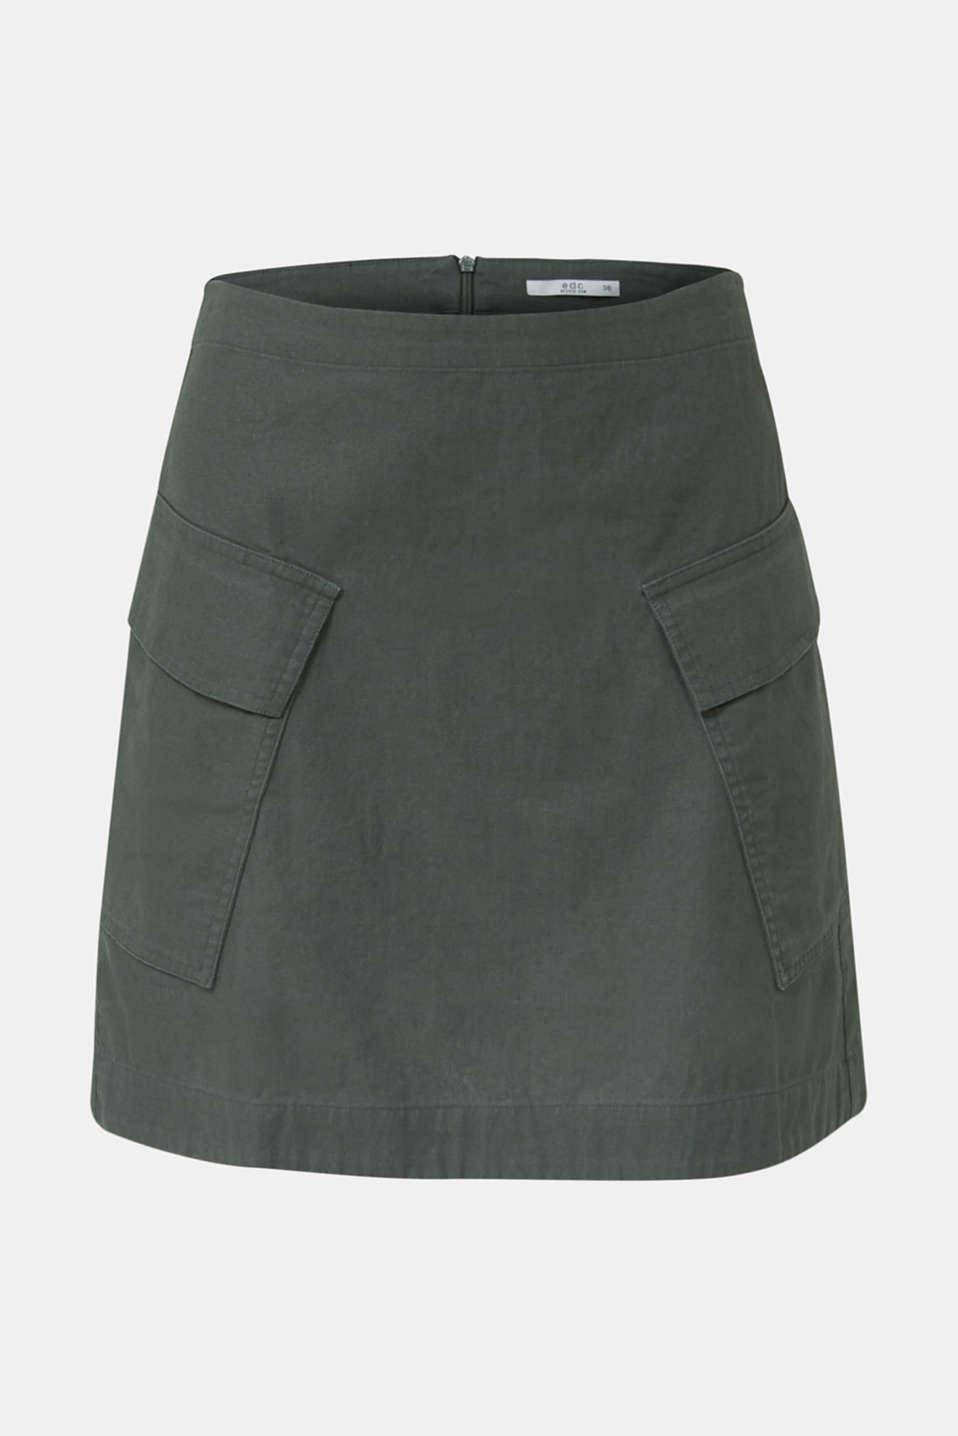 Cargo-style skirt in blended linen, KHAKI GREEN, detail image number 7